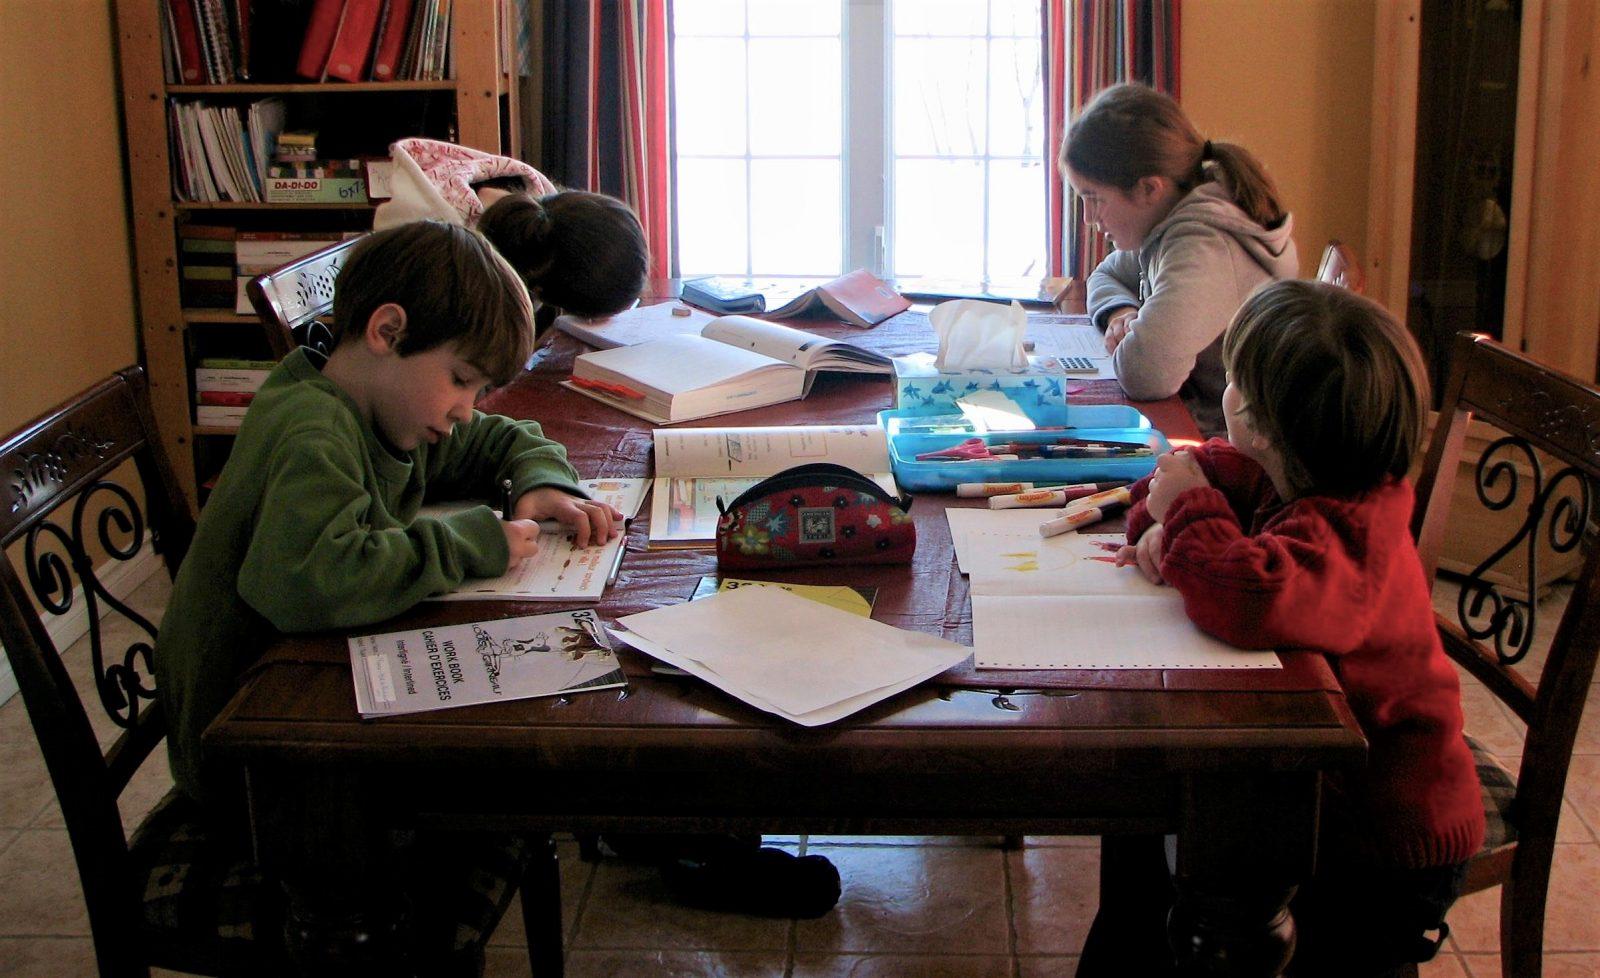 L'enseignement à la maison pour plus de temps en famille